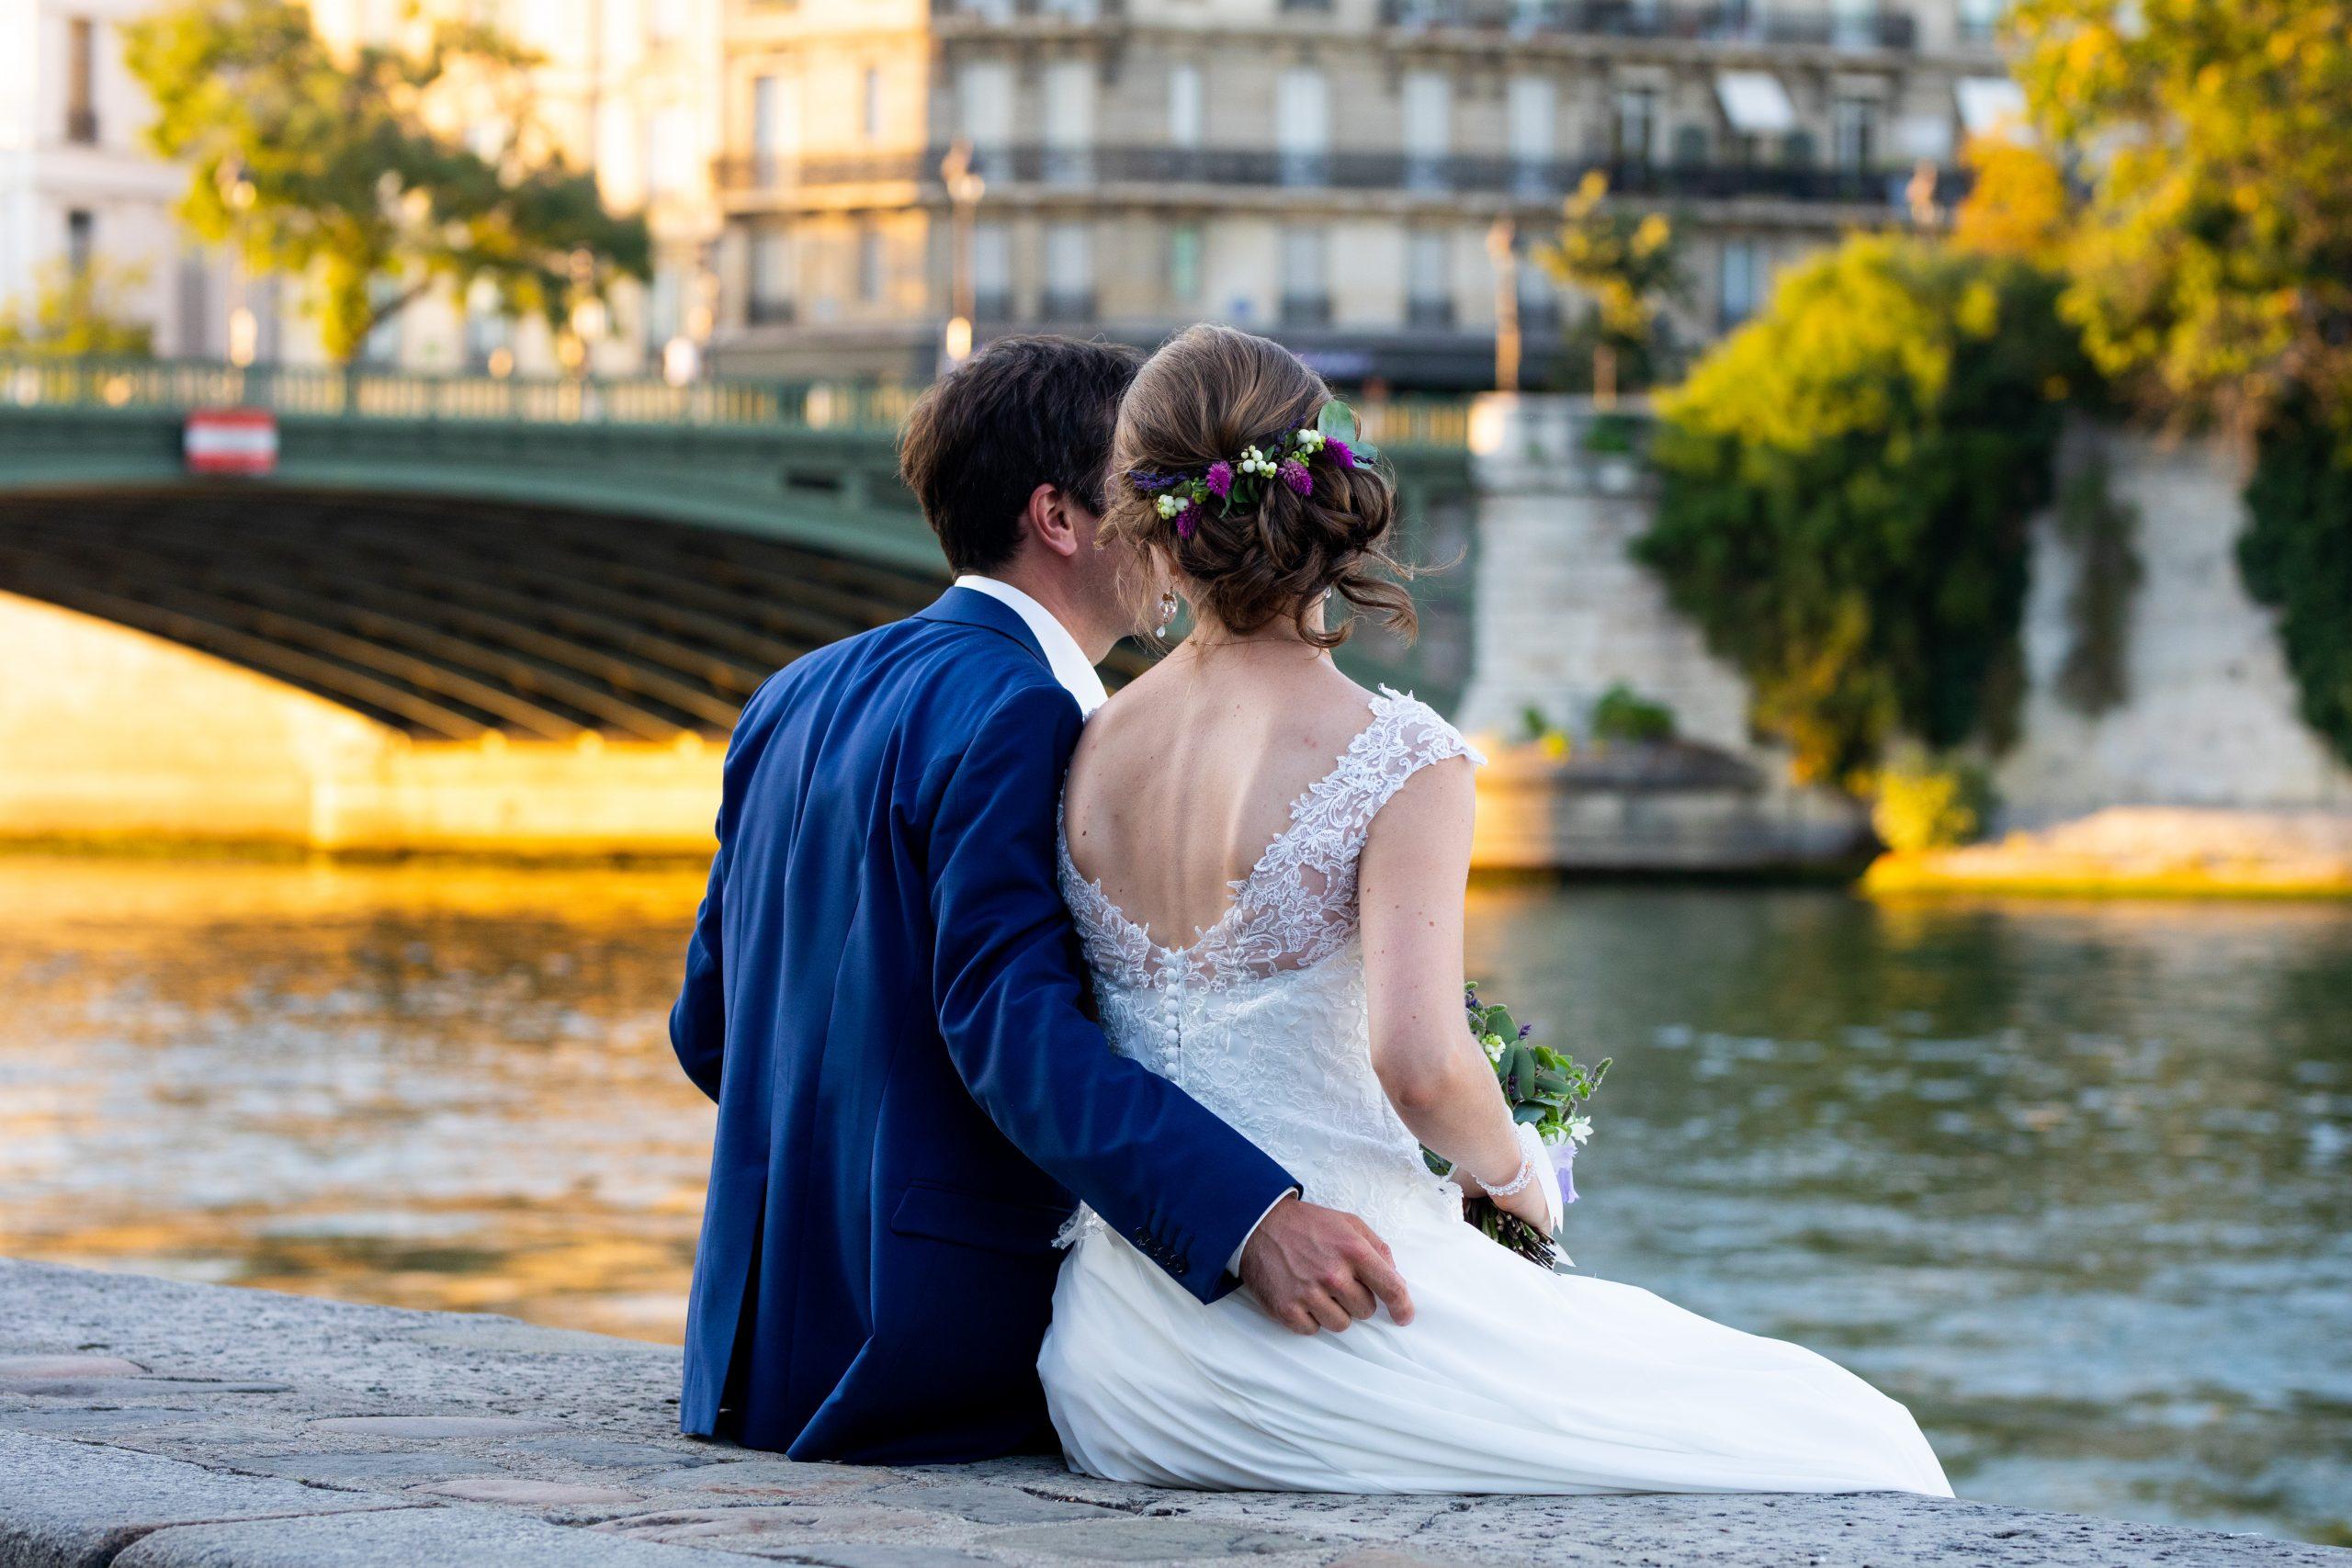 Photographe mariage Jardin des plantes Paris